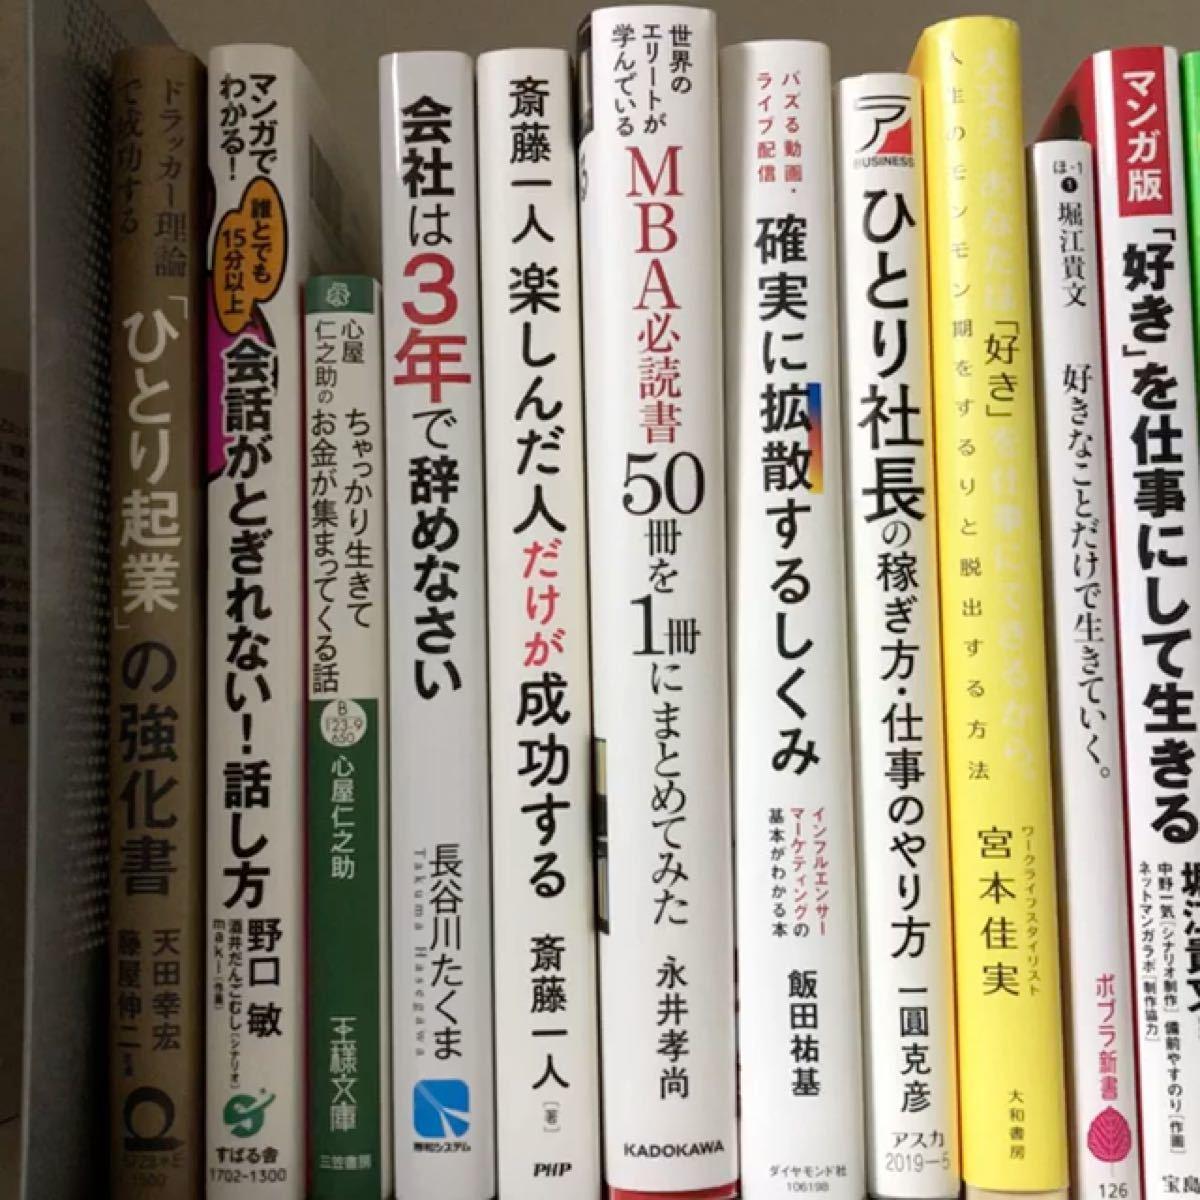 【選べる3冊セット】ビジネス書籍、自己啓発書籍